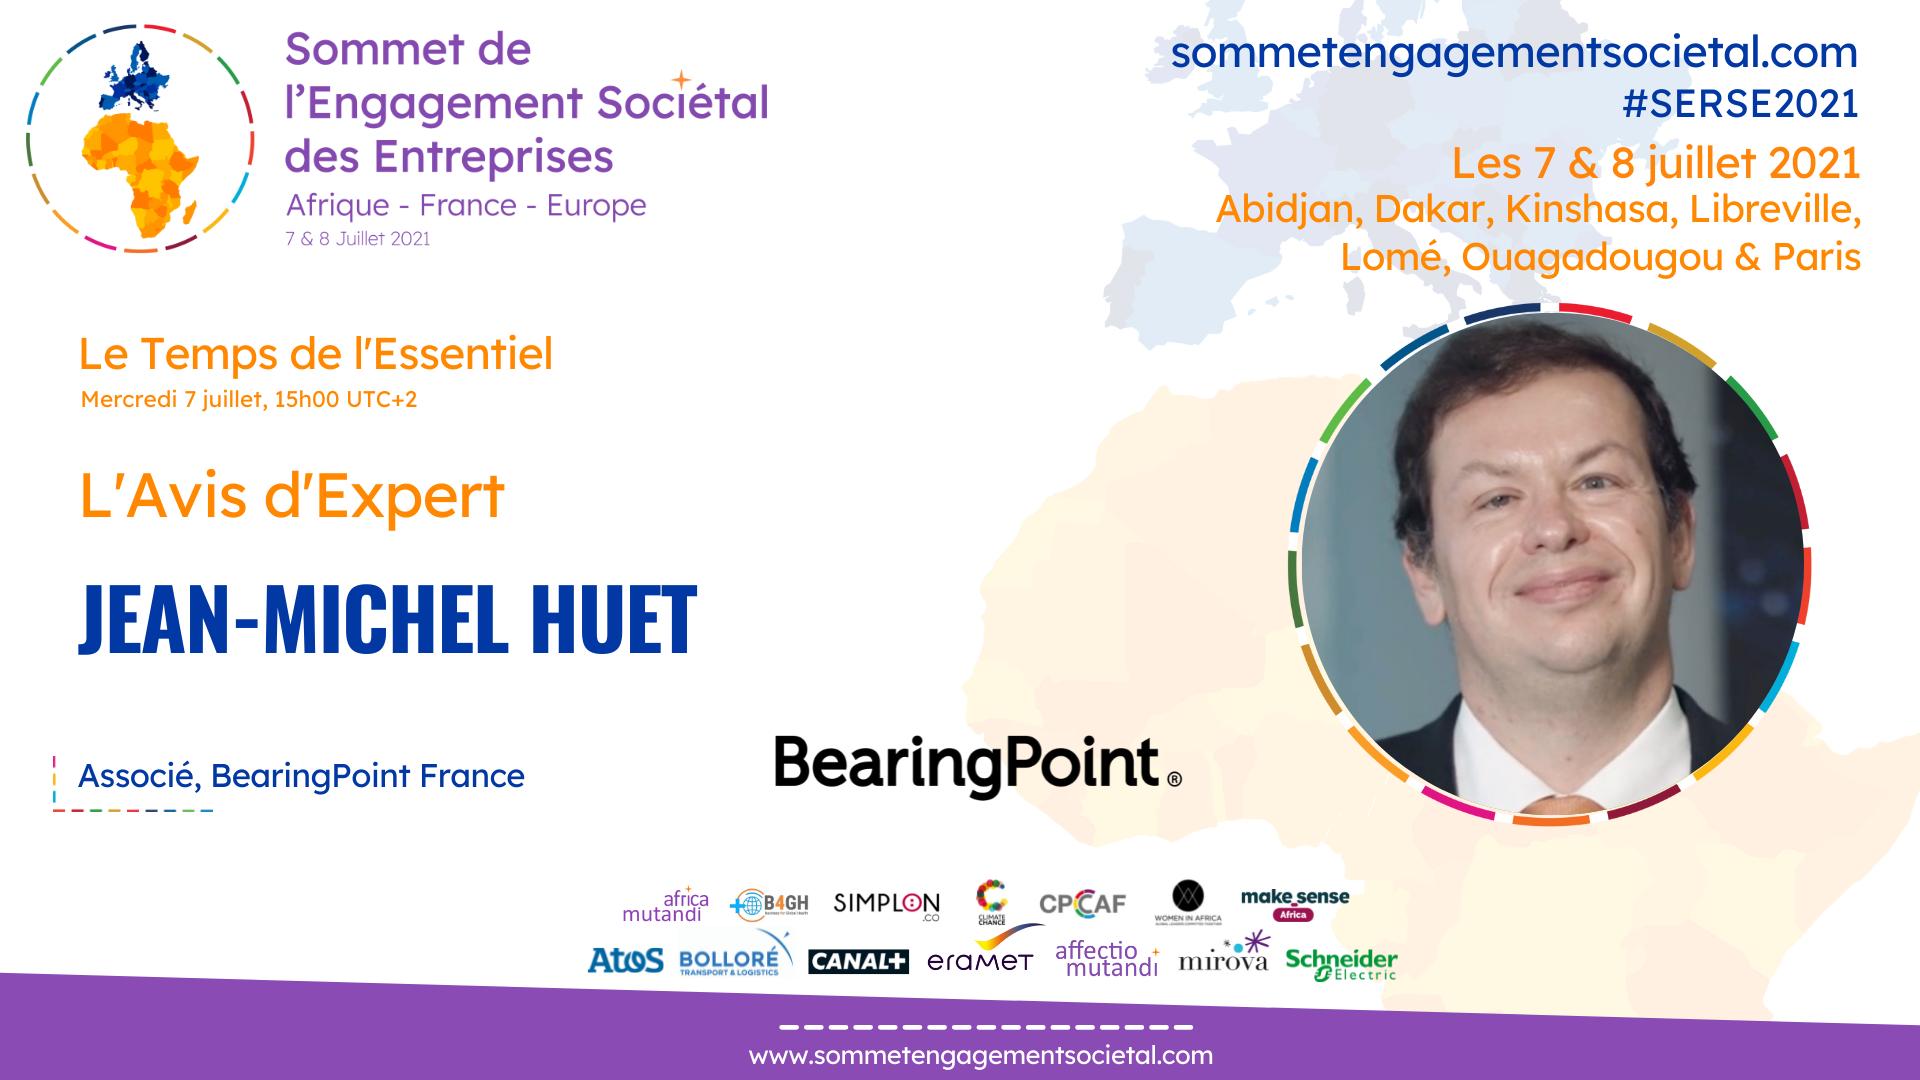 Le temps de l'Essentiel : l'avis d'expert numérique, Jean-Michel Huet